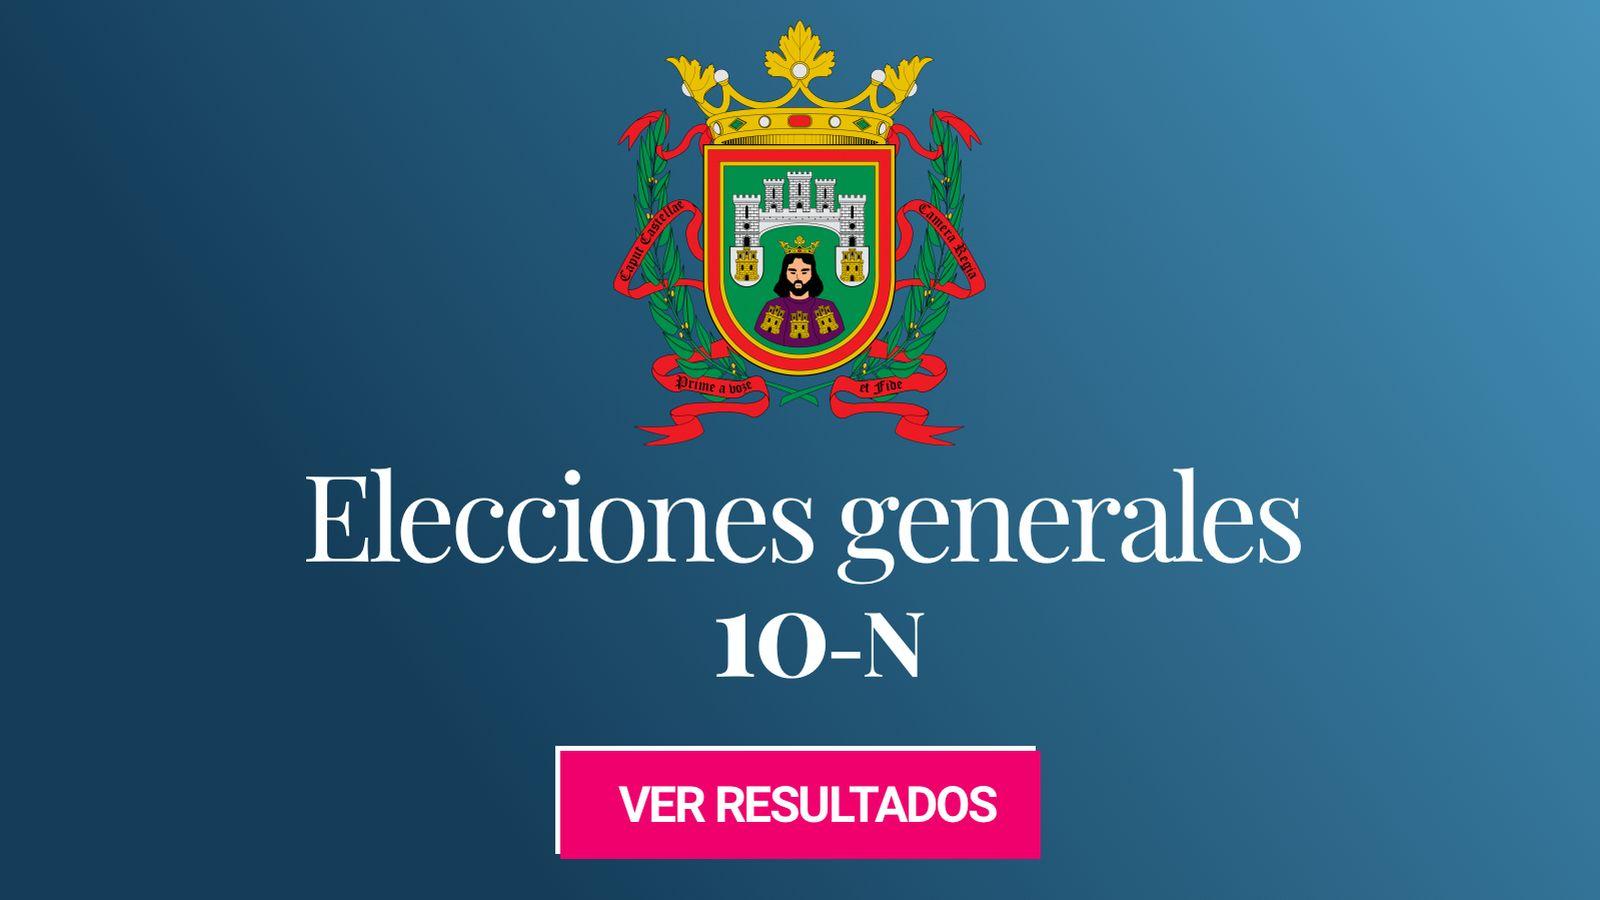 Foto: Elecciones generales 2019 en Burgos. (C.C./EC)